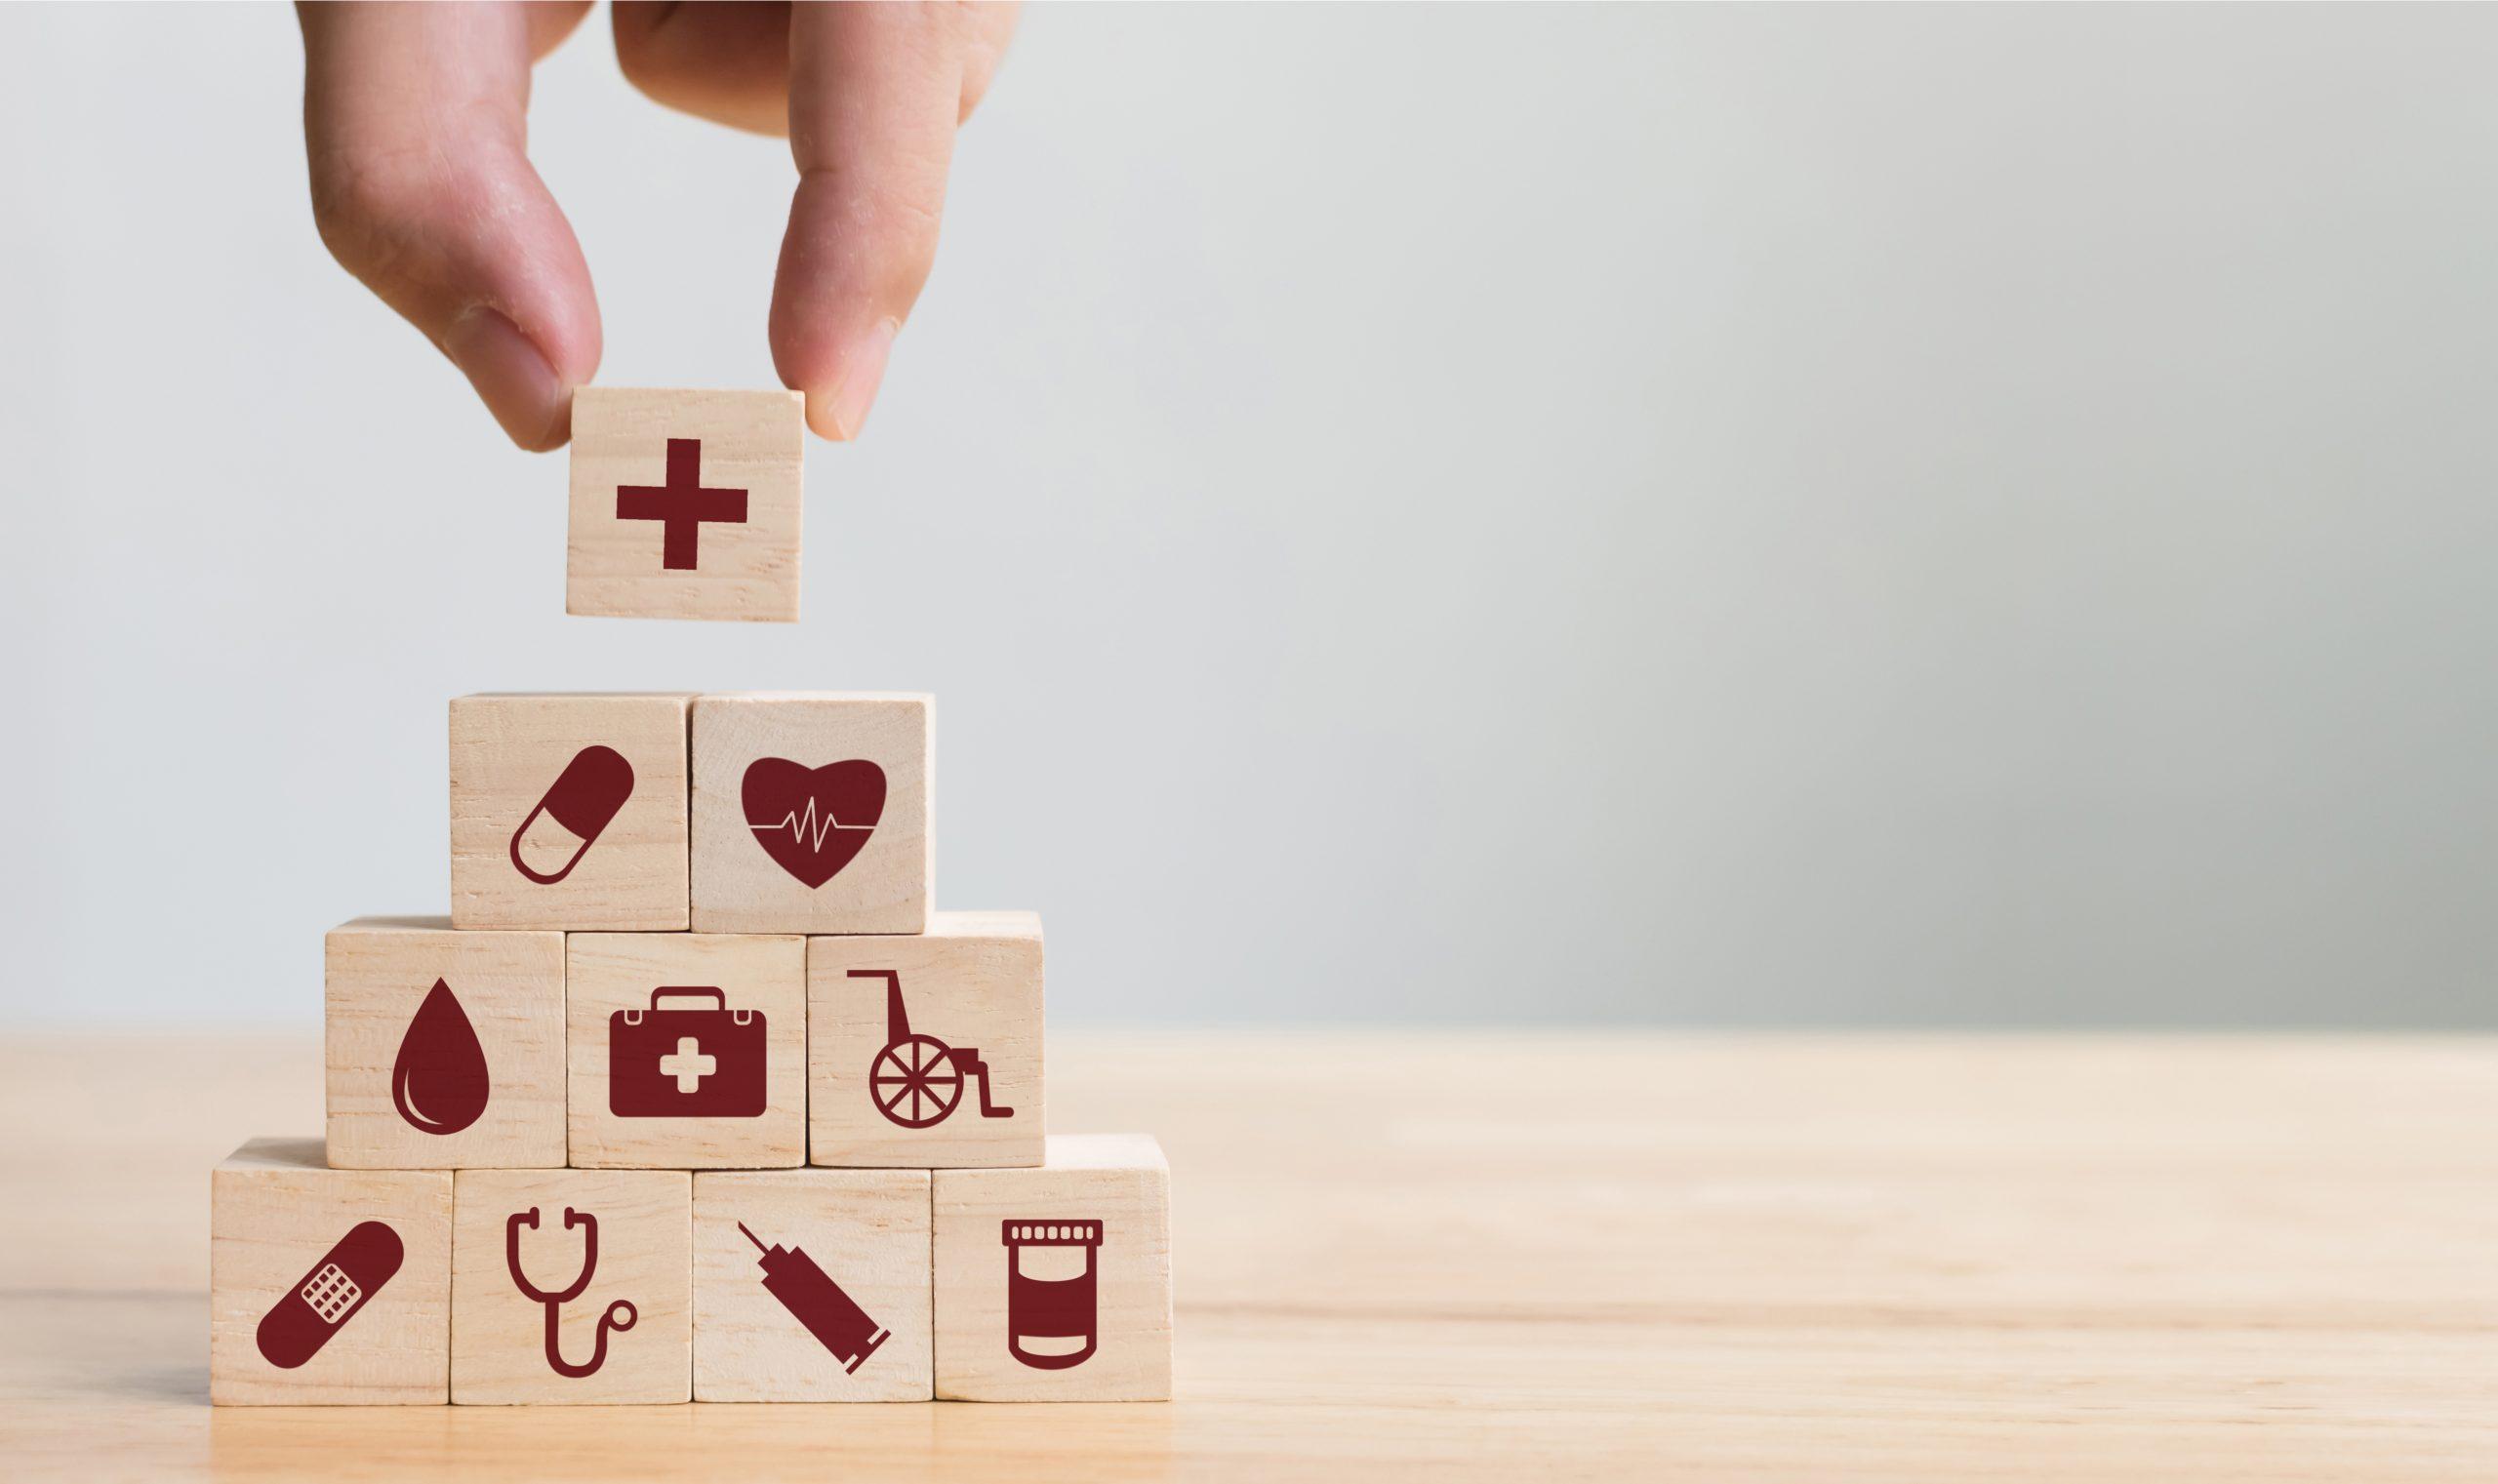 Seguros complementarios de salud en convenio: Consorcio – Vida Cámara